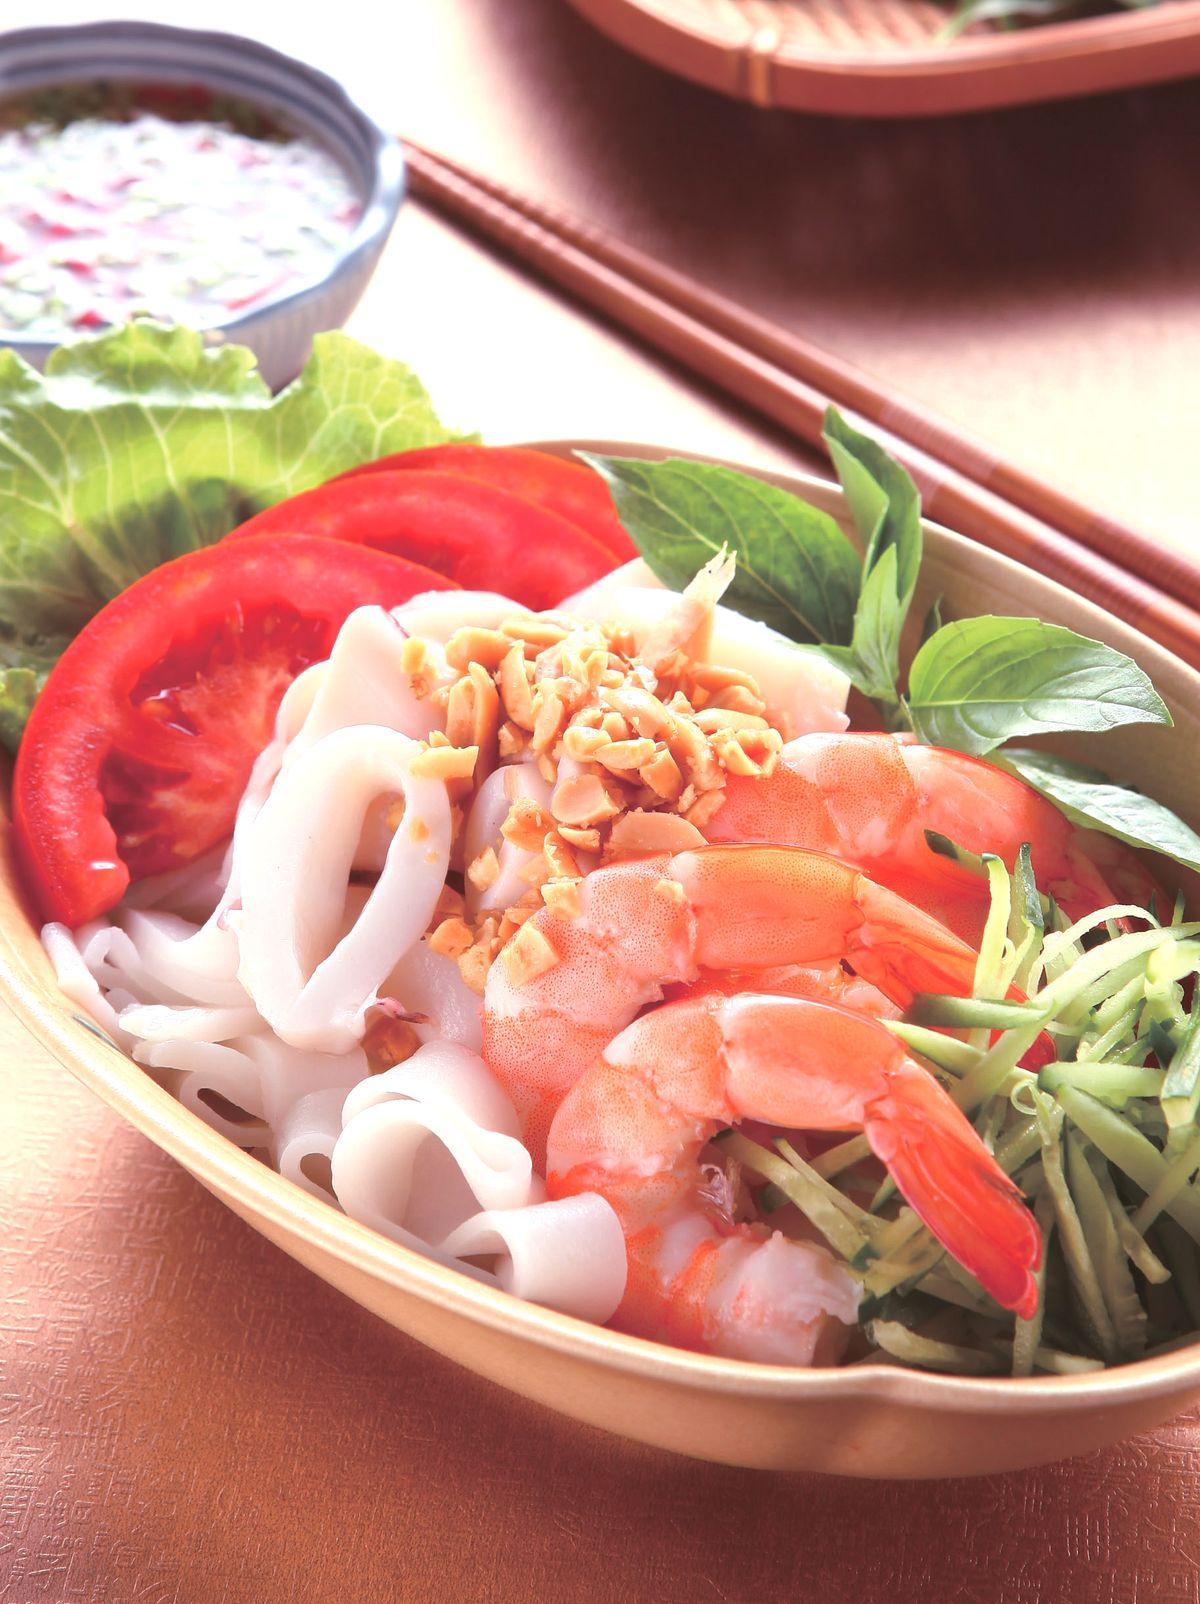 食譜:泰式涼拌海鮮河粉